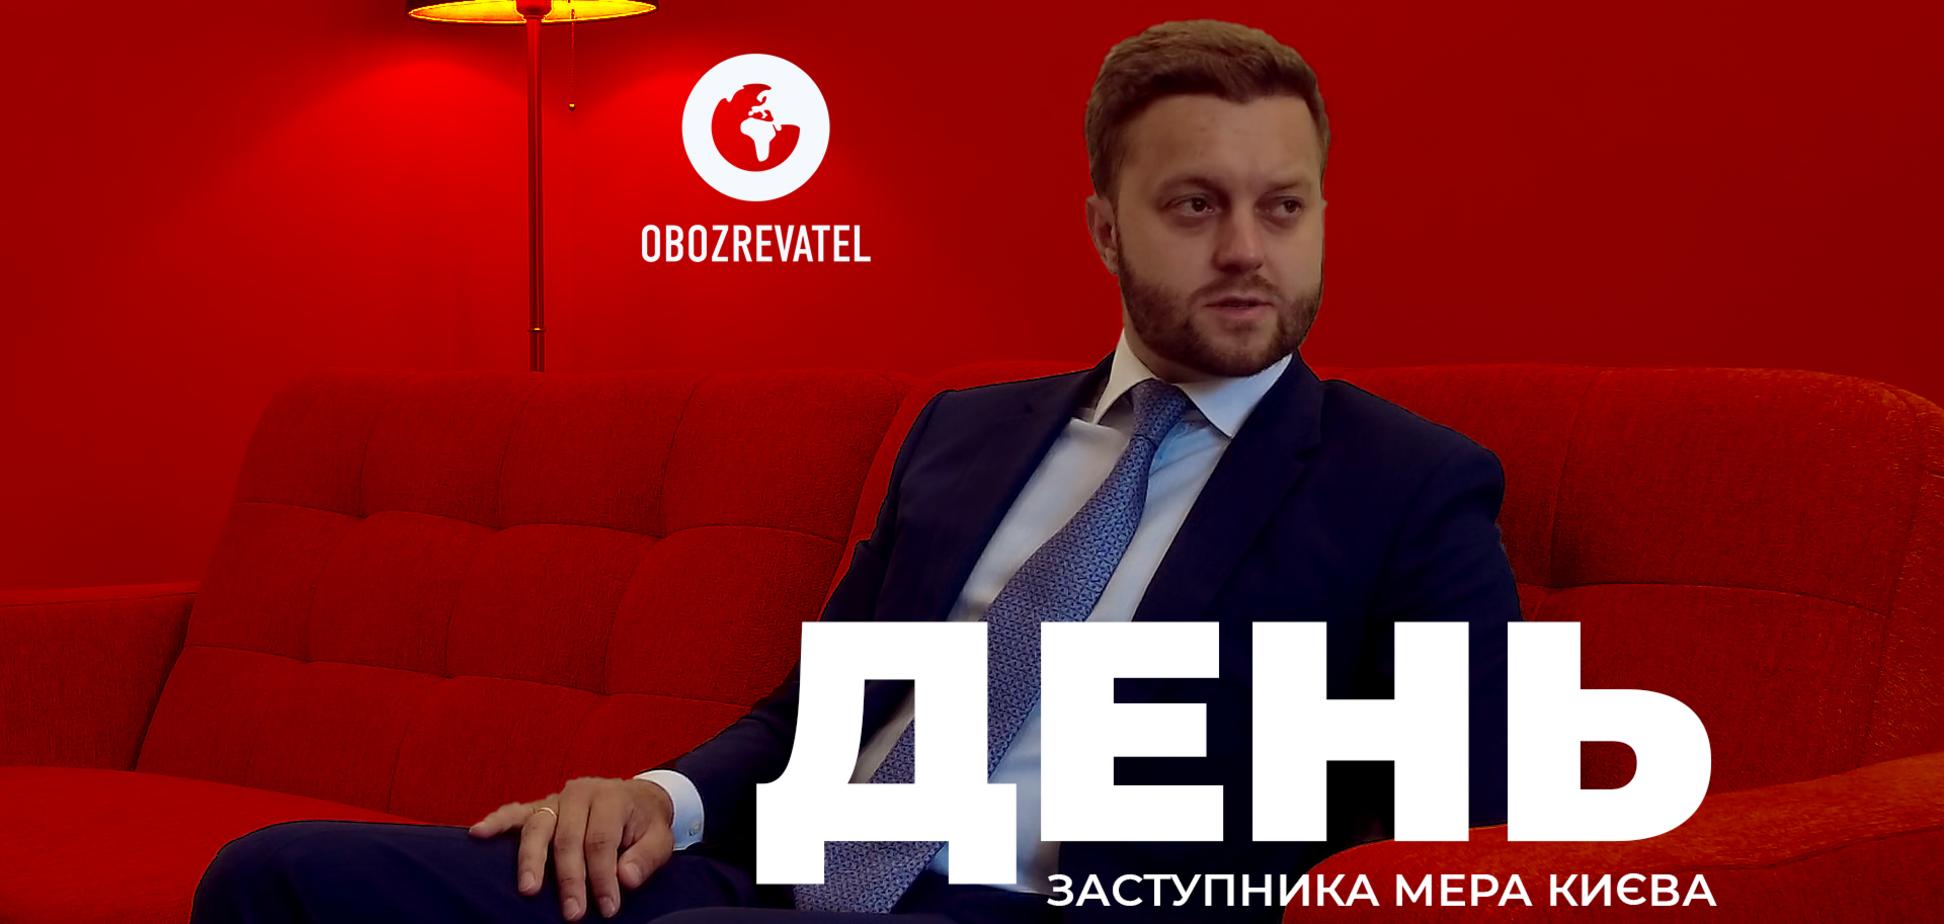 Один день із заступником мера Києва. Костянтин Усов